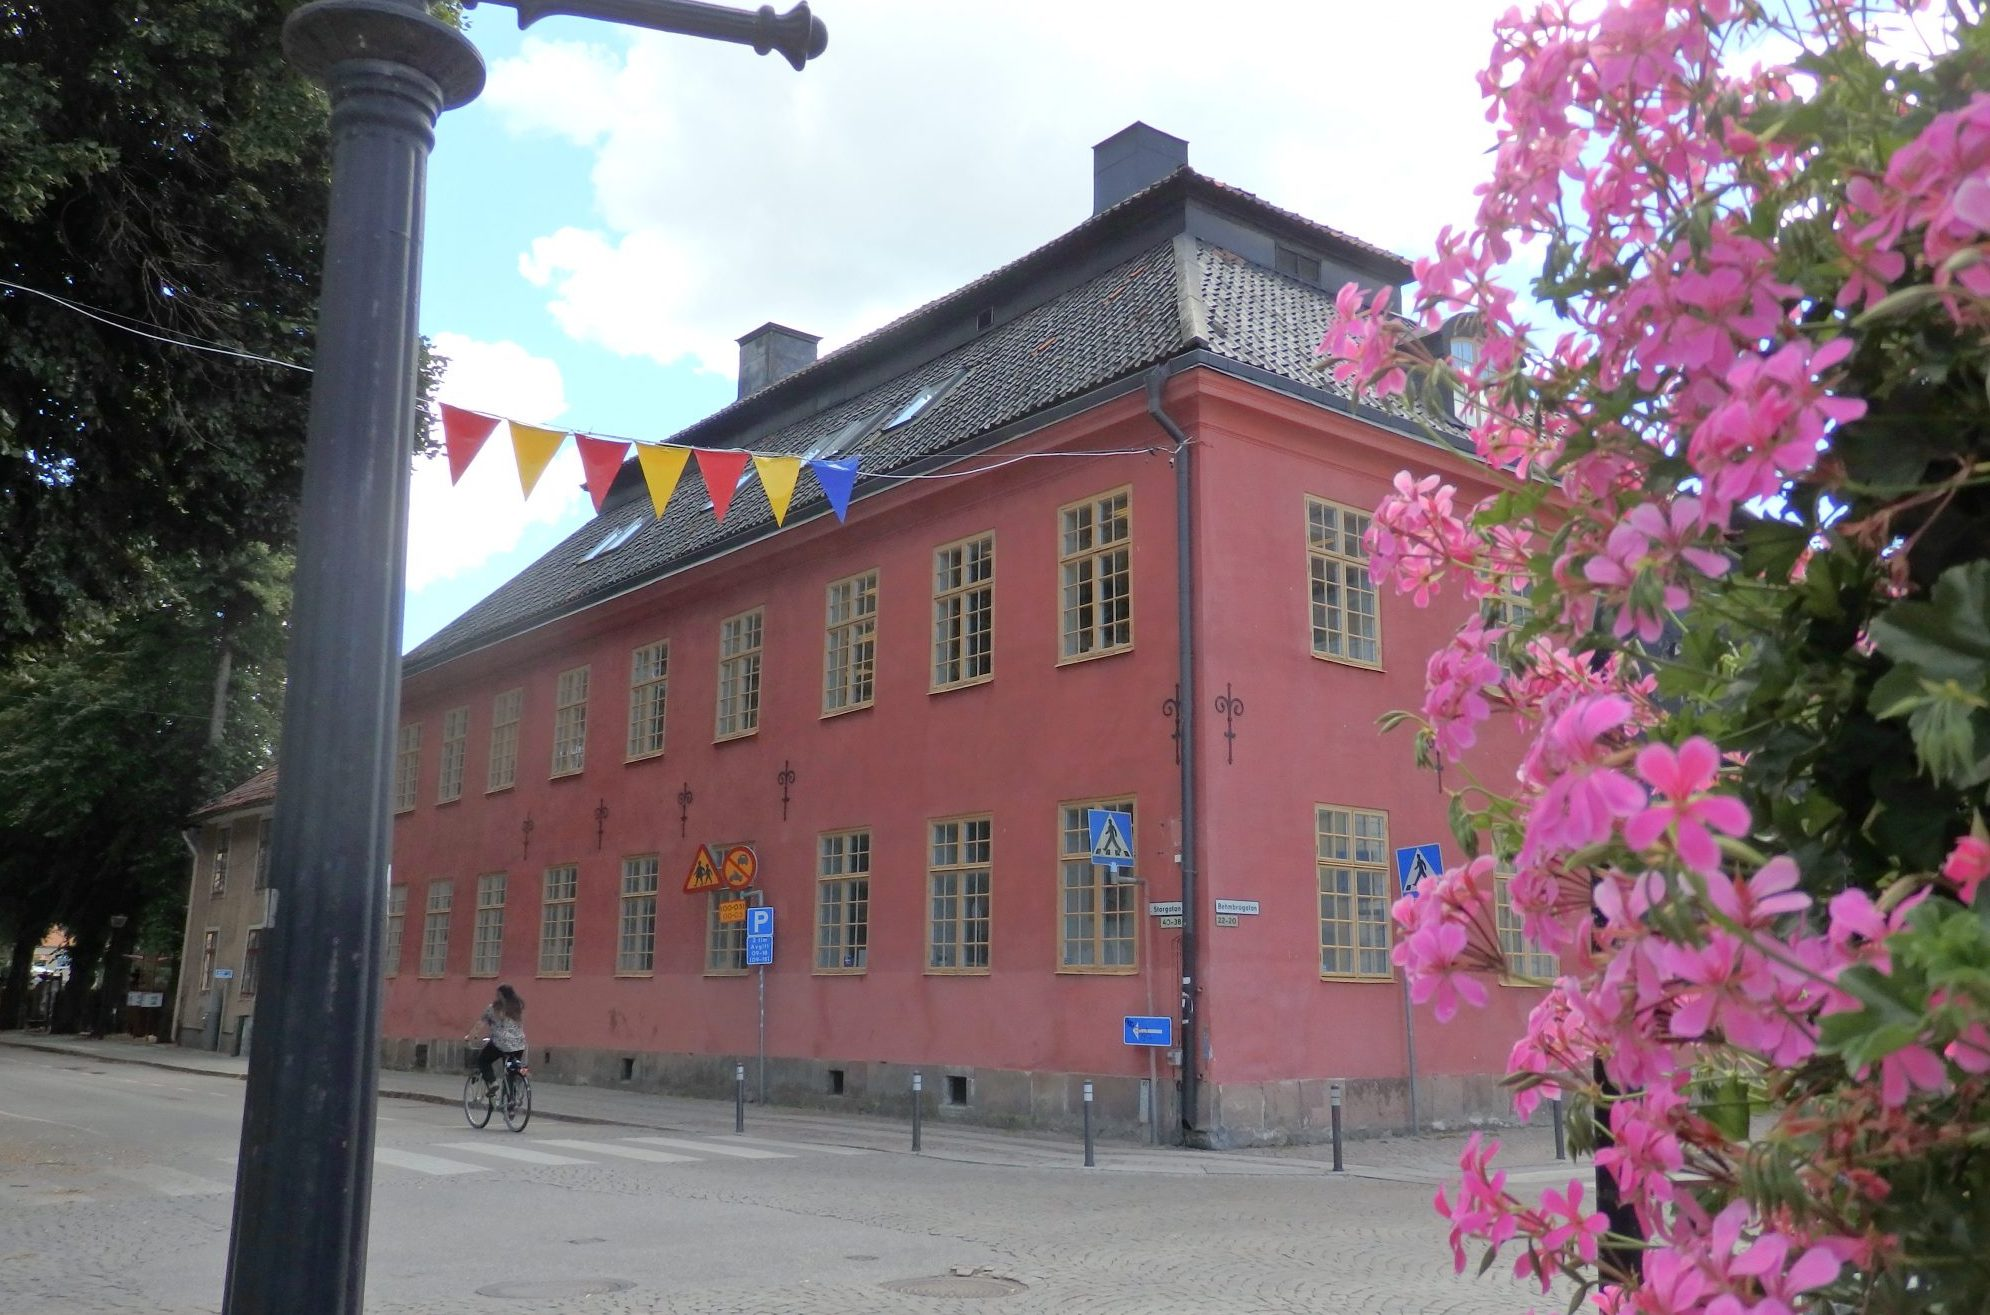 in the center of Nyköping